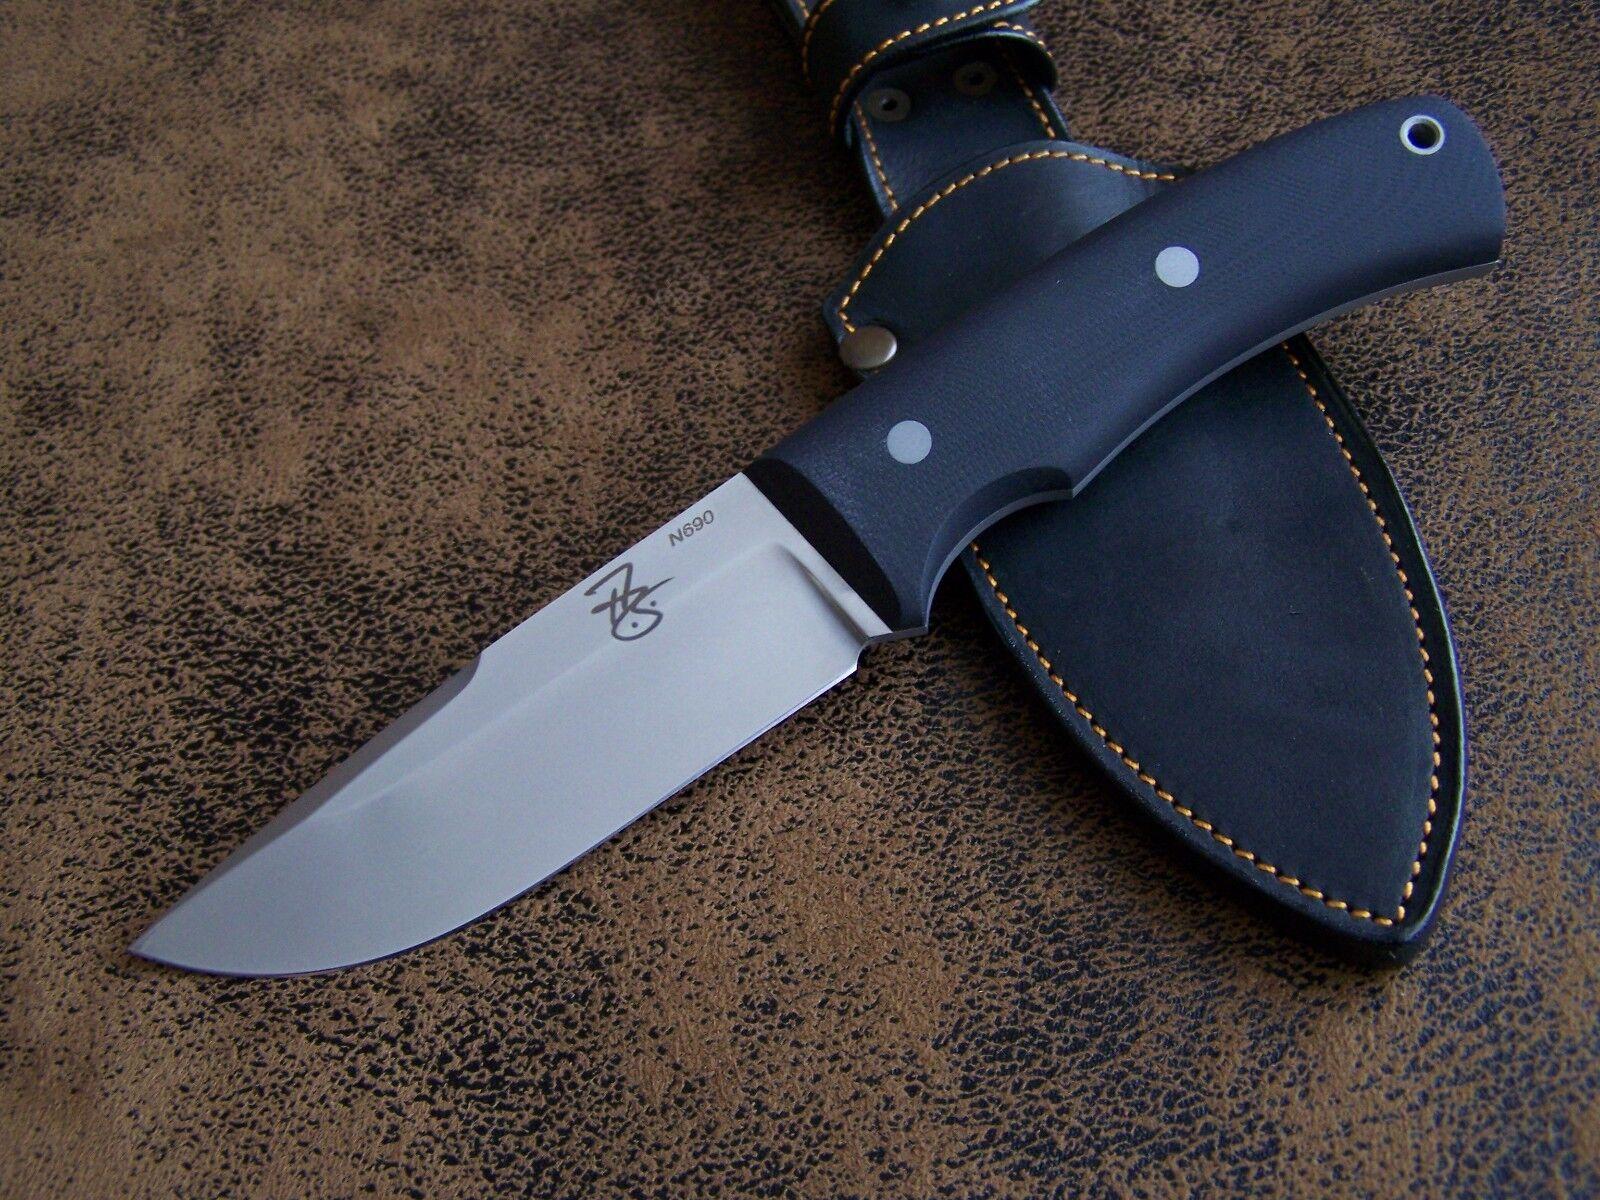 Arthur brehms woodcrafter esclusivo SEMI CUSTOM Outdoor Coltello da caccia n690 g10